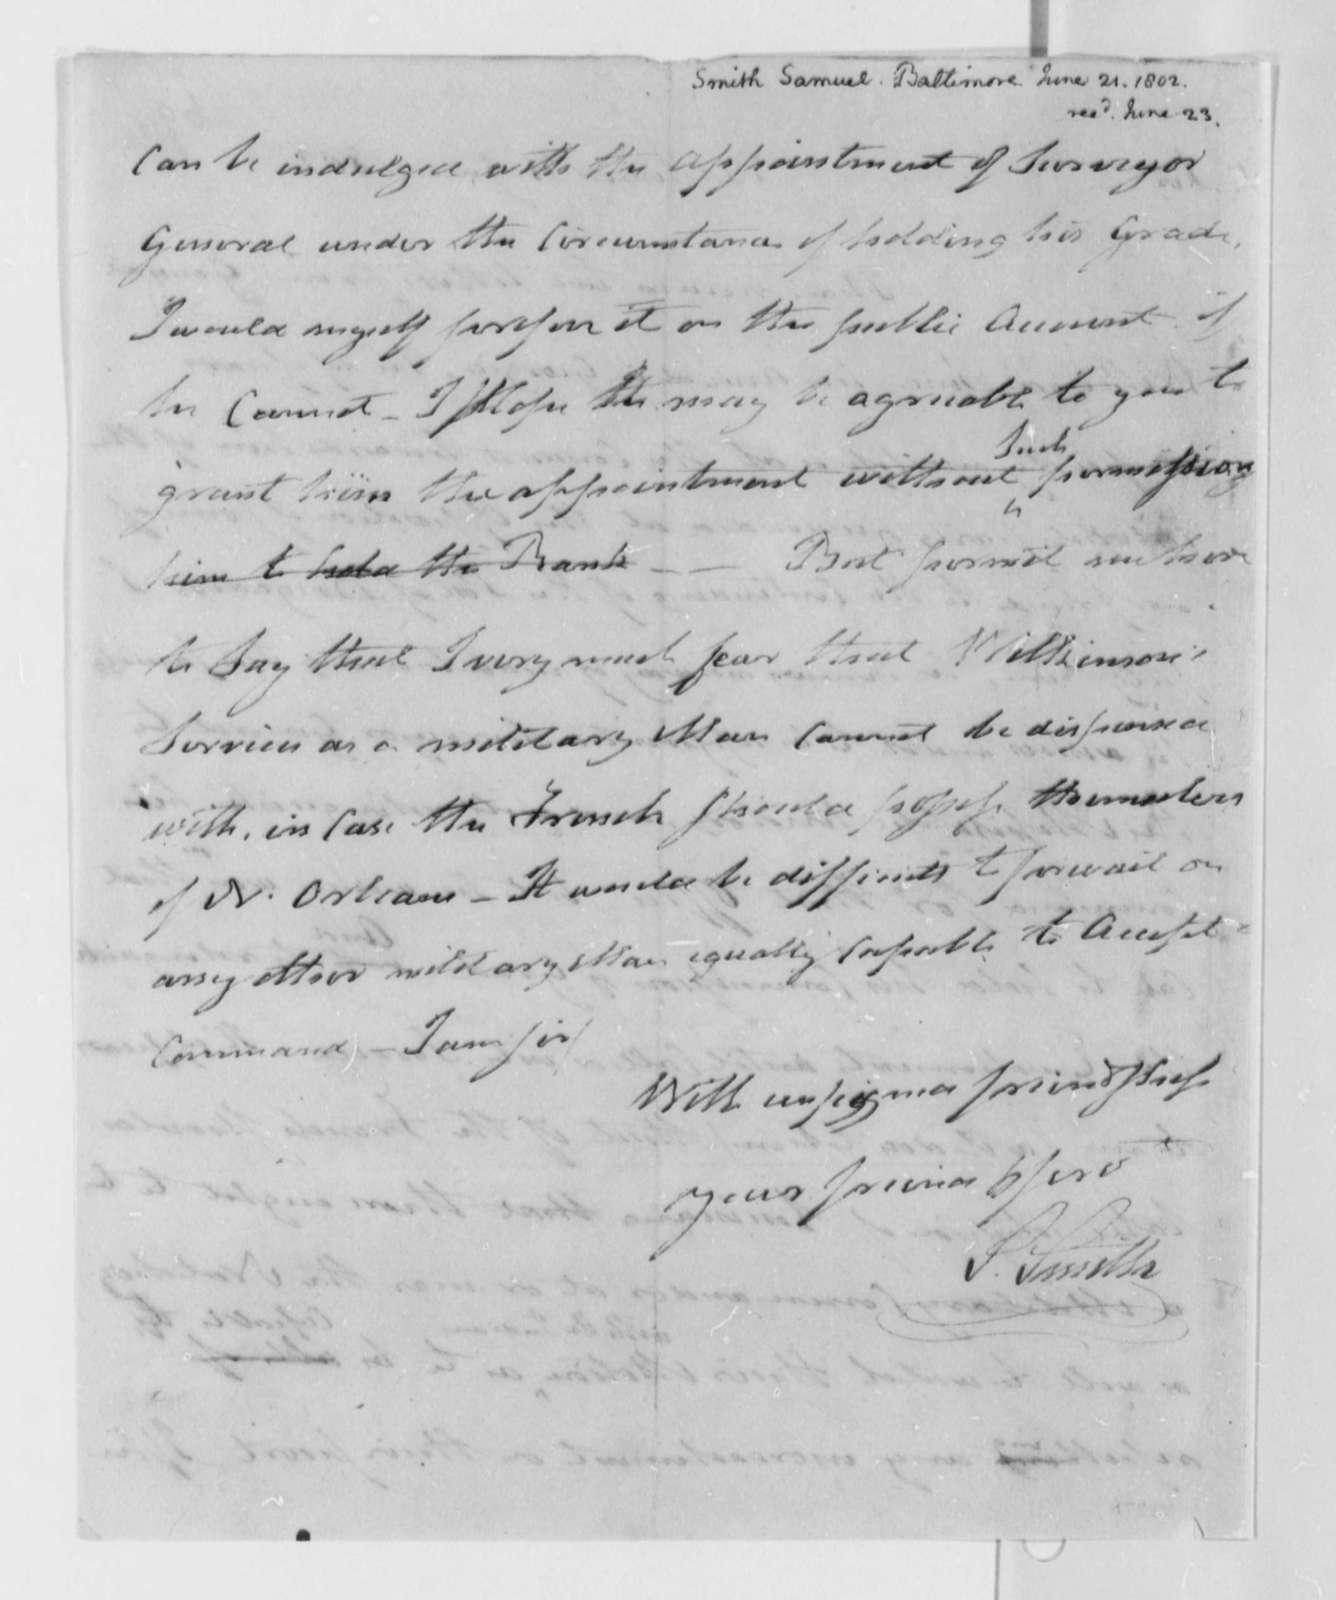 Samuel Smith to Thomas Jefferson, June 21, 1802